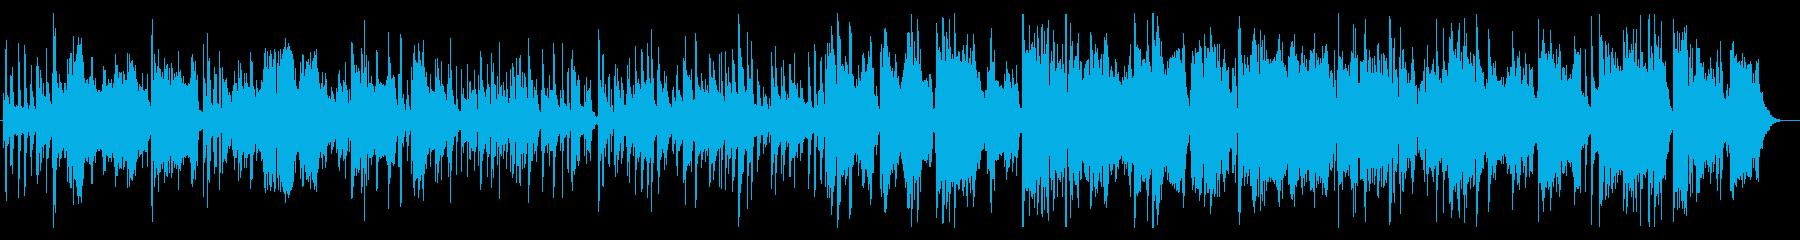 世界パリ研究所美しいアコーディオン...の再生済みの波形